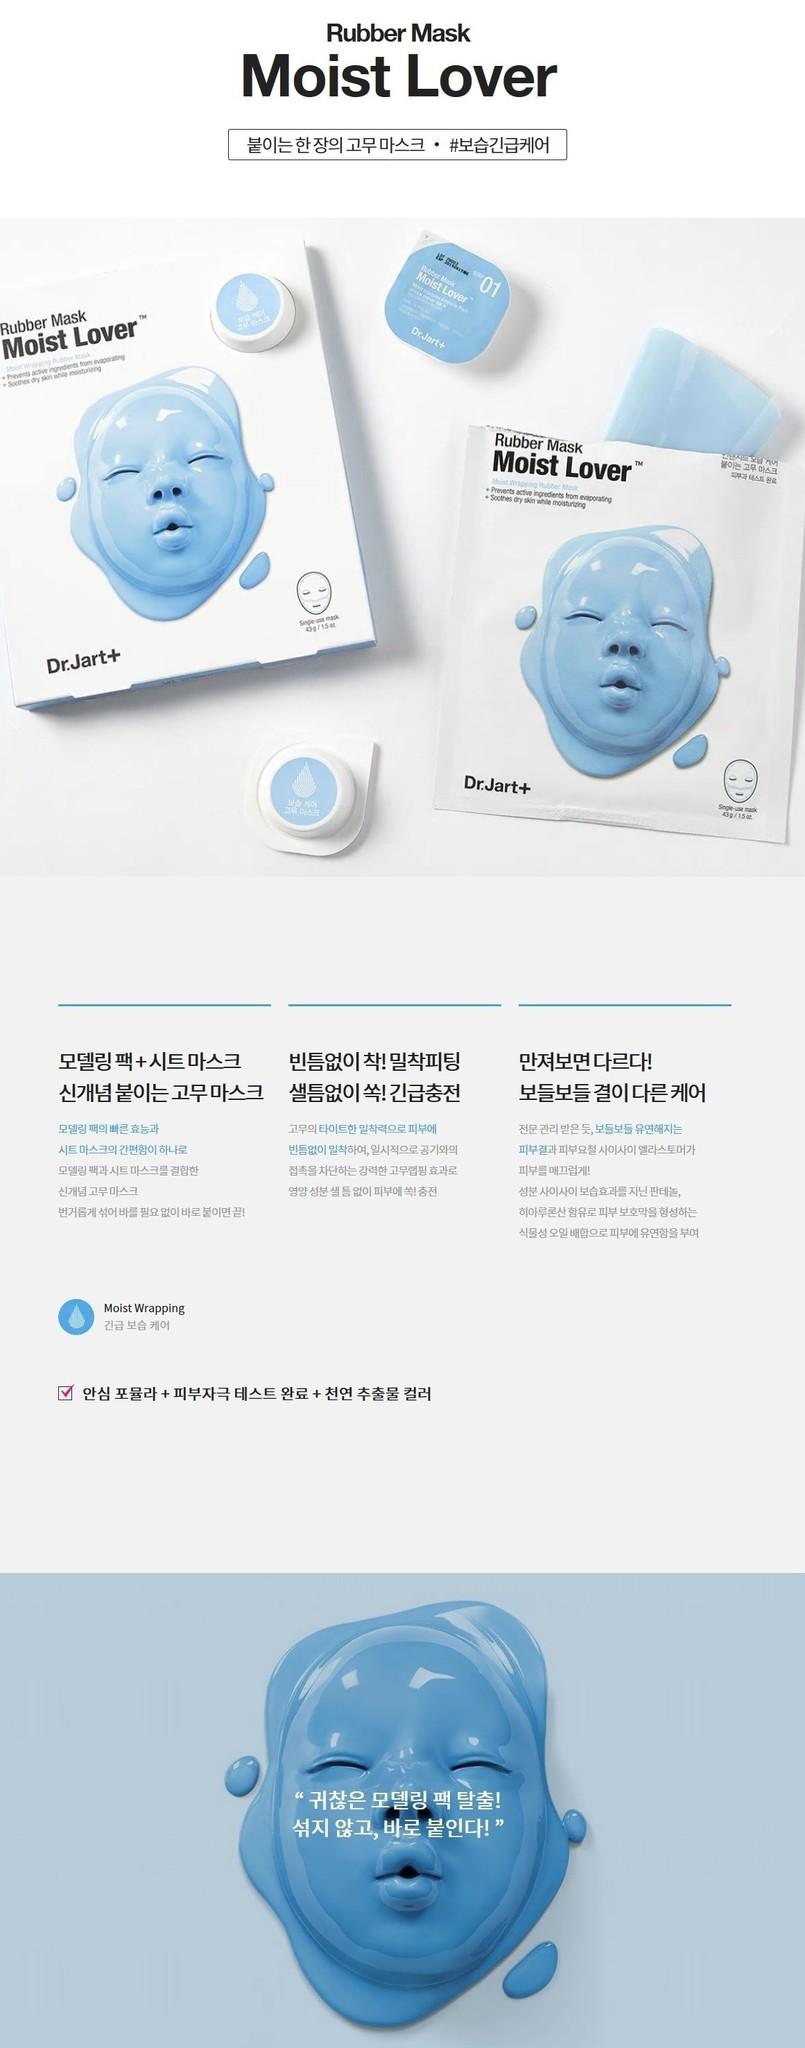 Rubber Mask Moist Lover-2